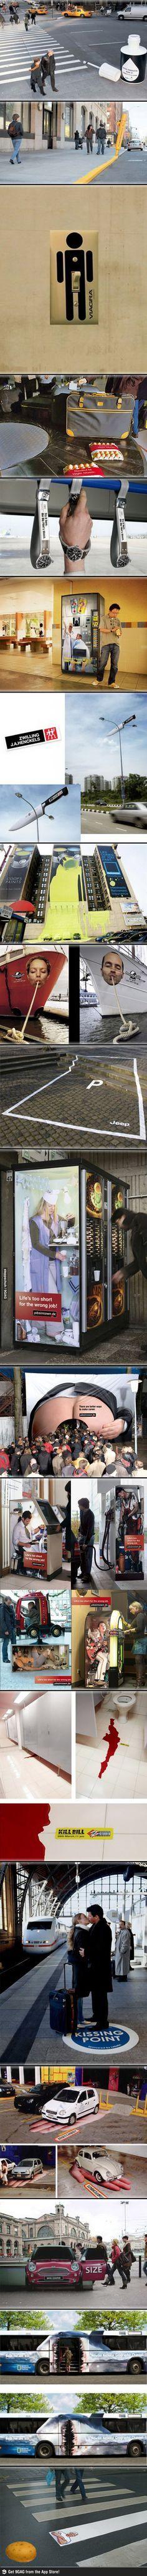 Publicité fait à droite